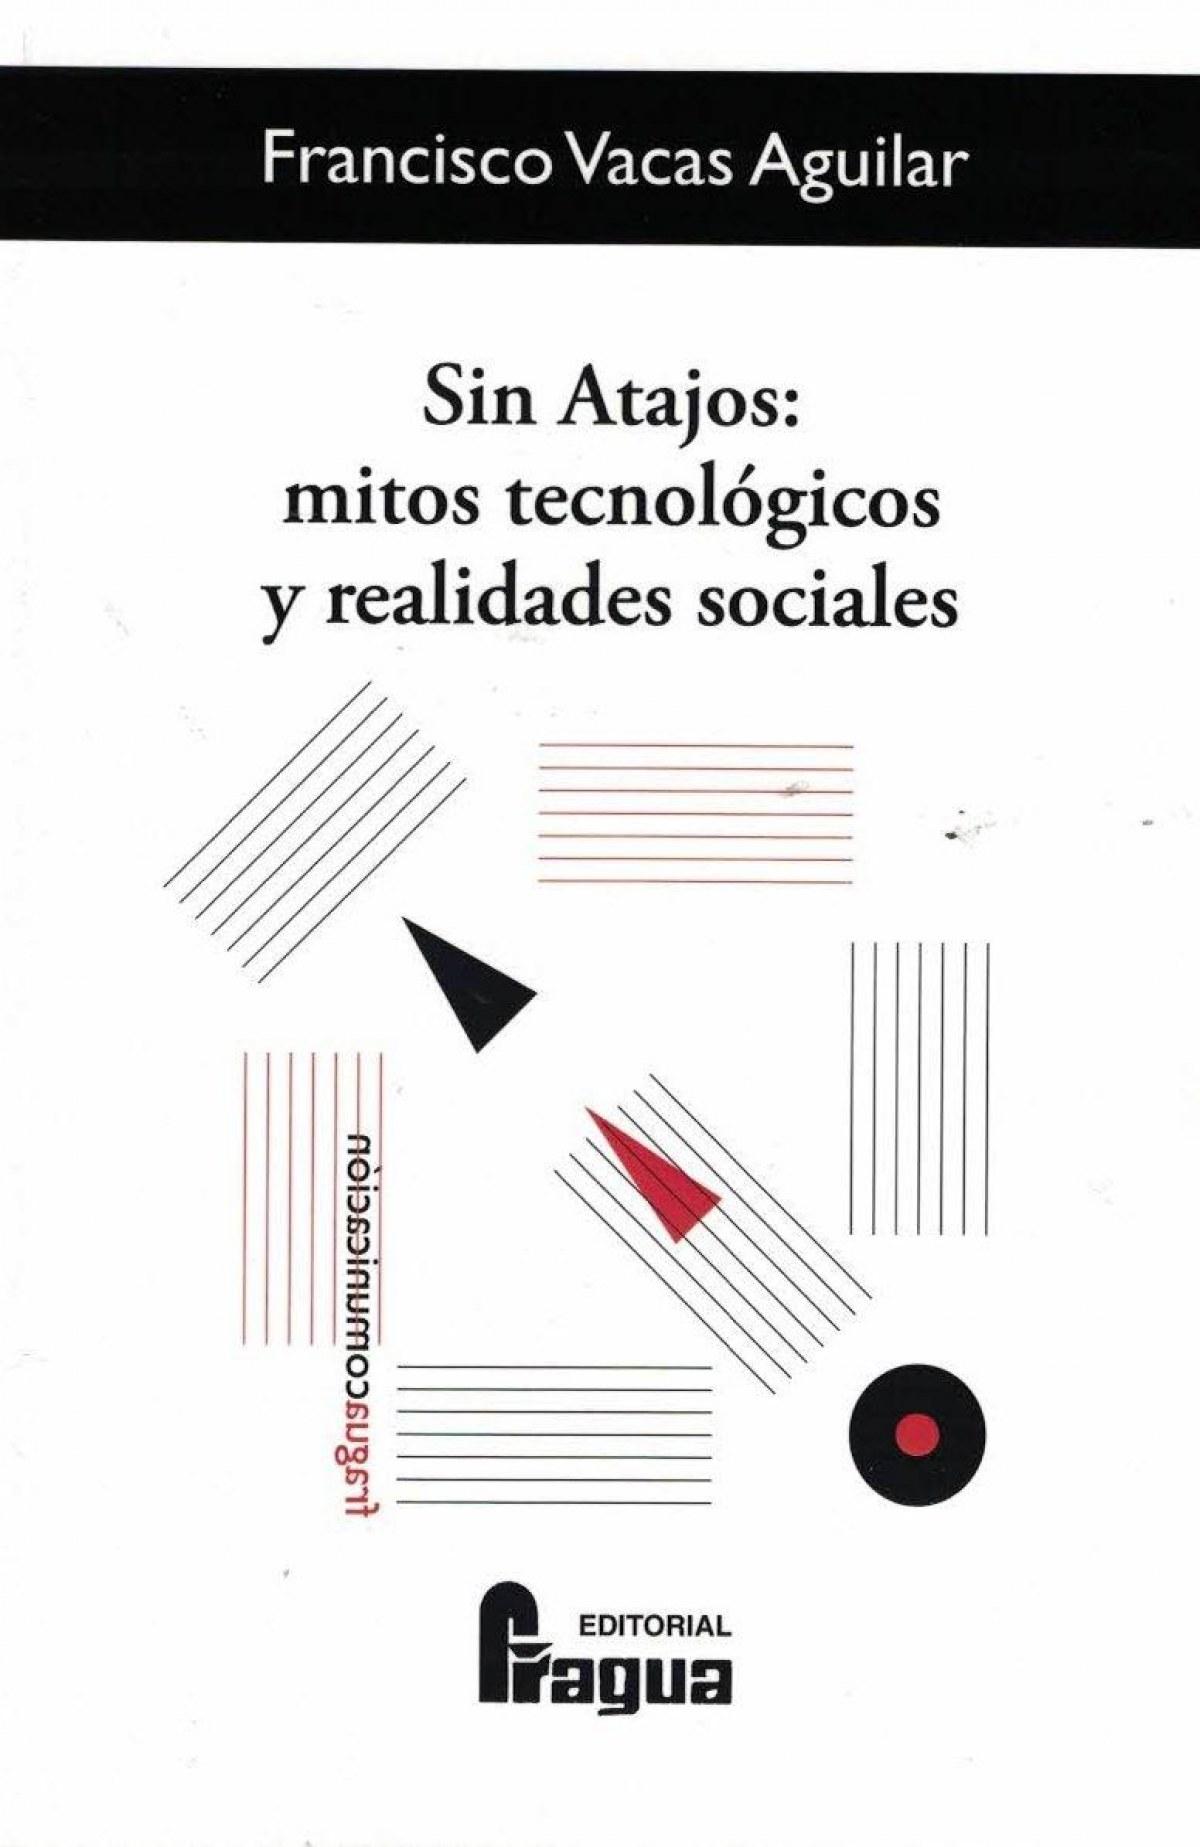 Sin atajos: retos tecnológicos y realidades sociales.